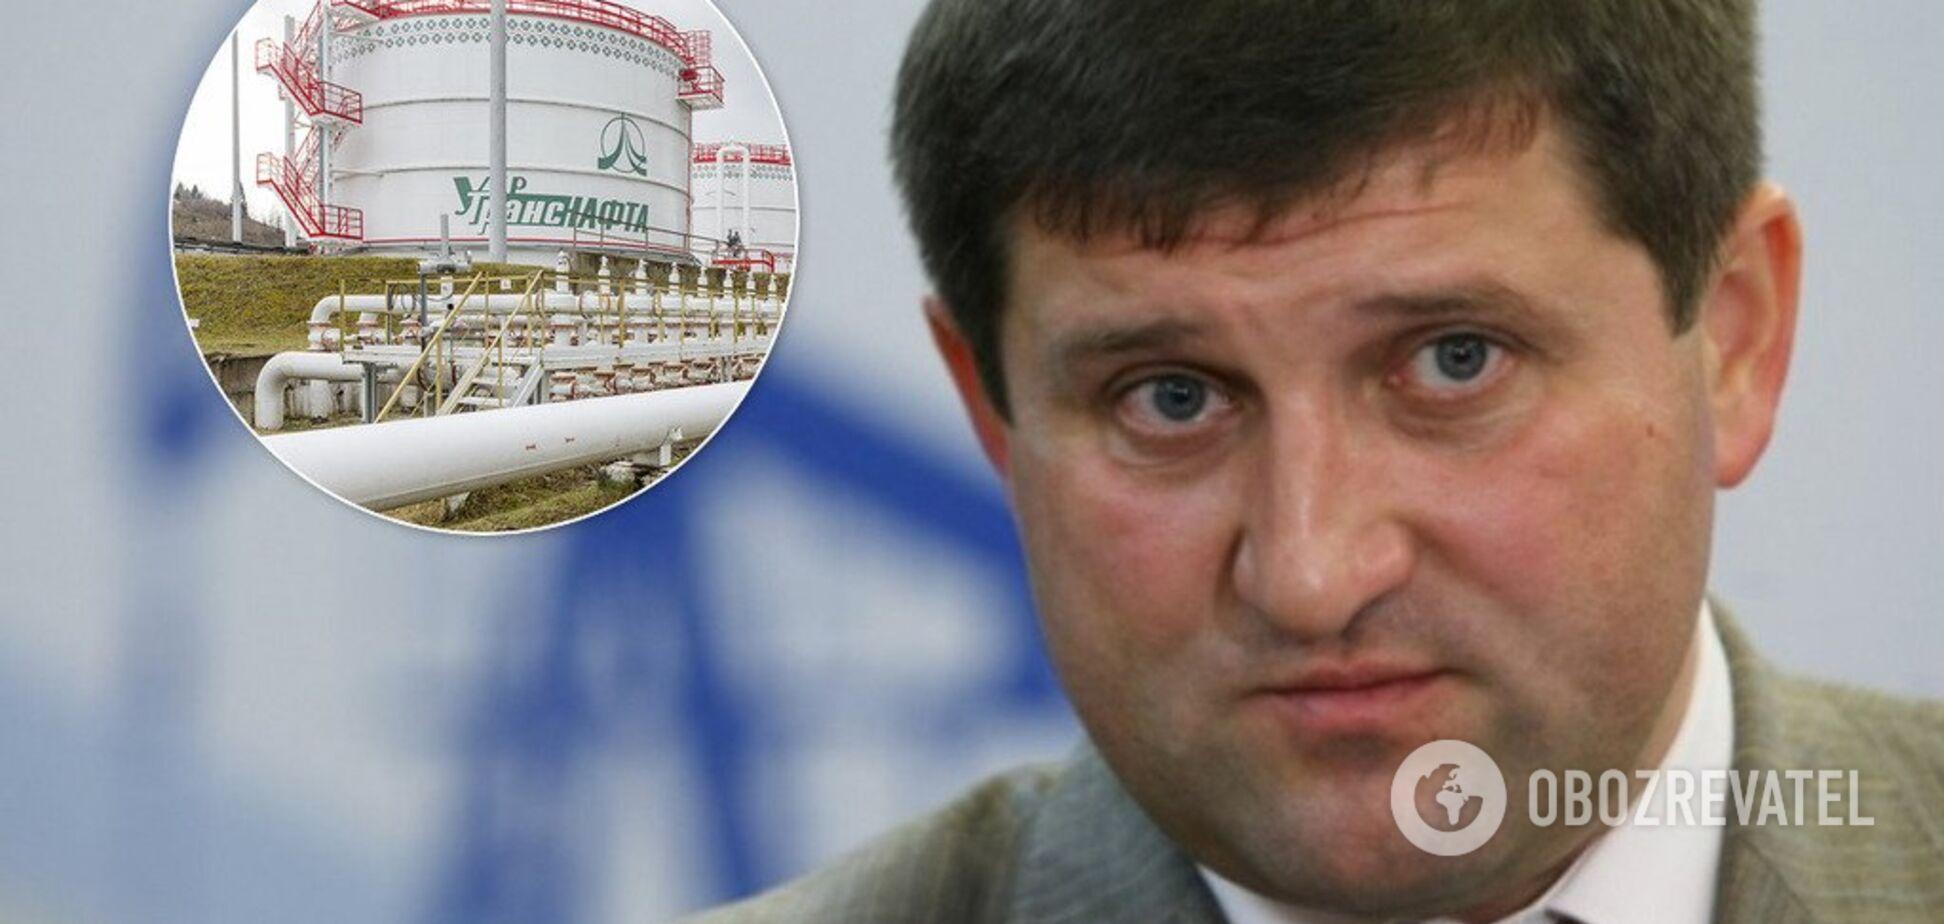 Соратник Коломойського хоче повернути собі управління 'Укртранснафтою'